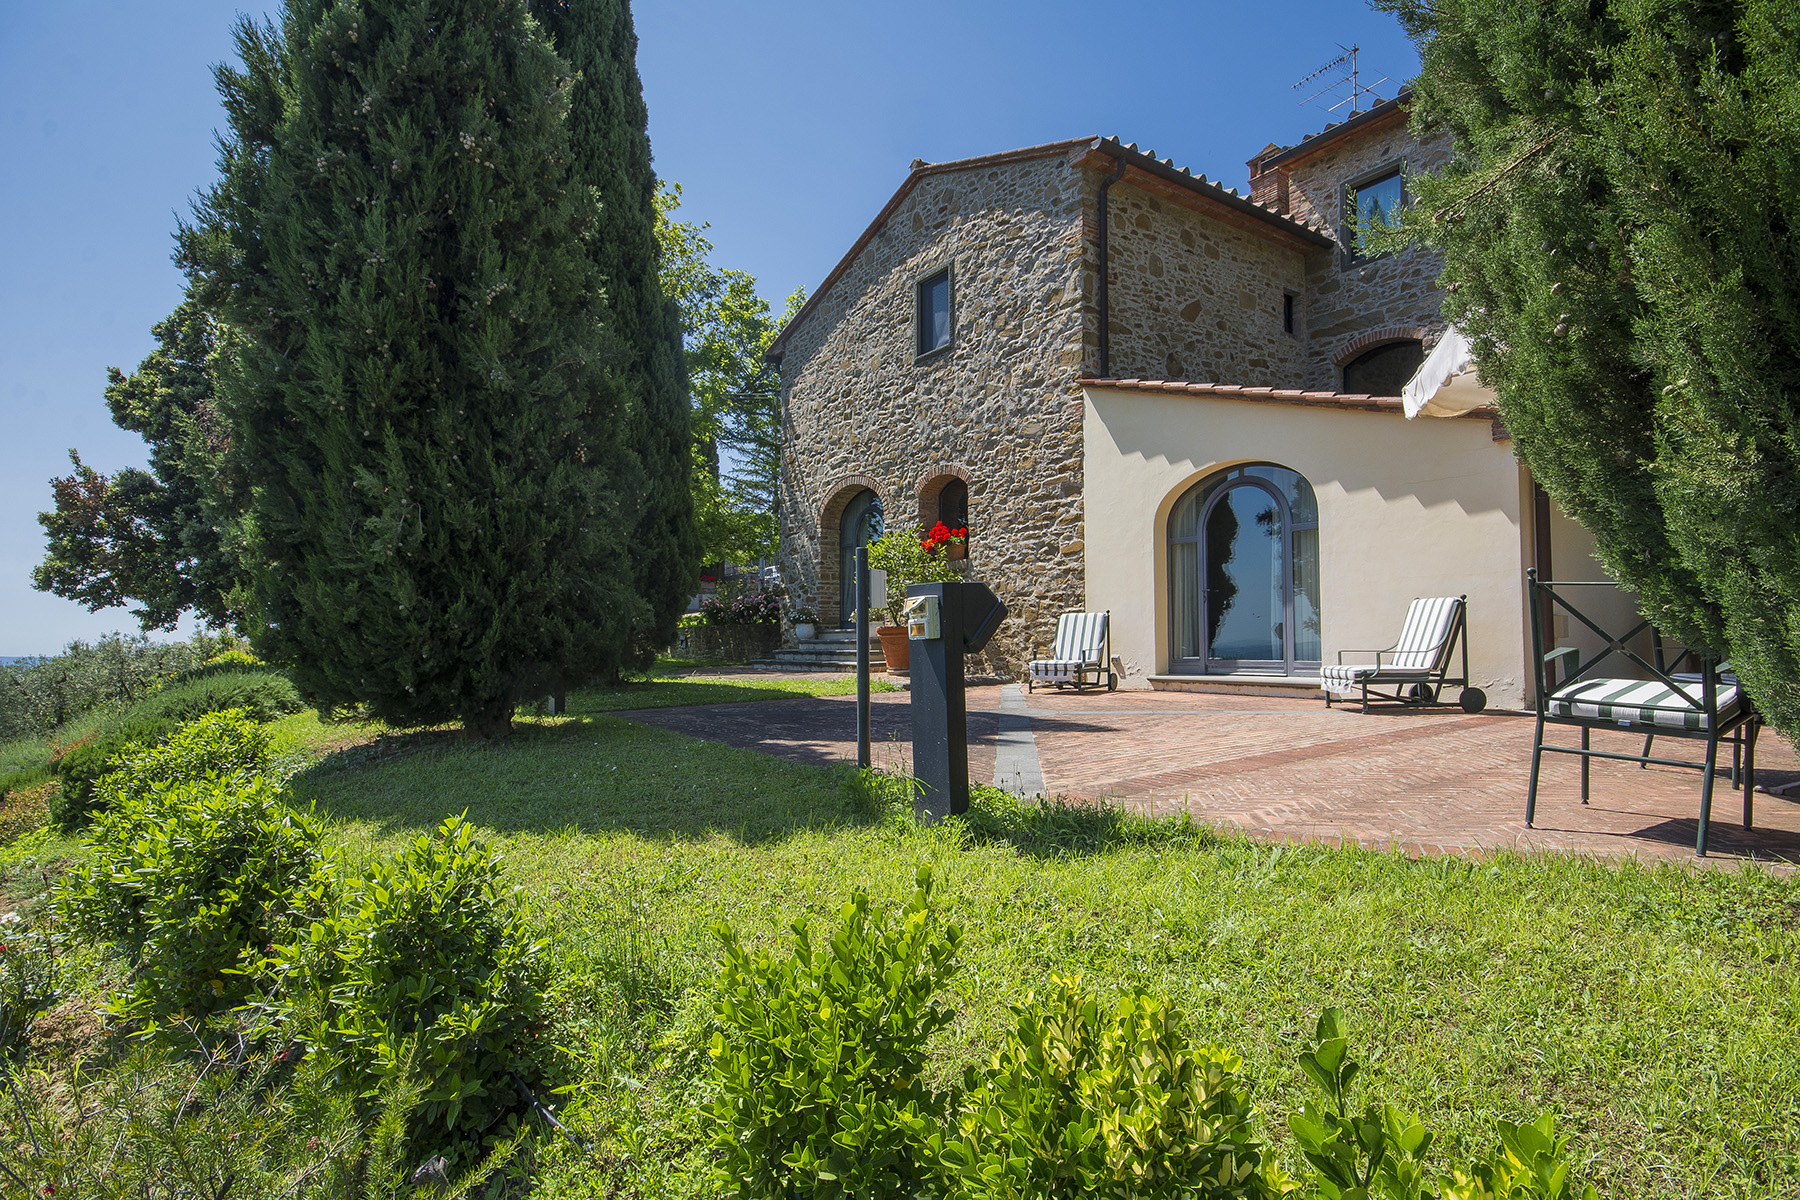 Rustico in Vendita a Vinci: 5 locali, 414 mq - Foto 3